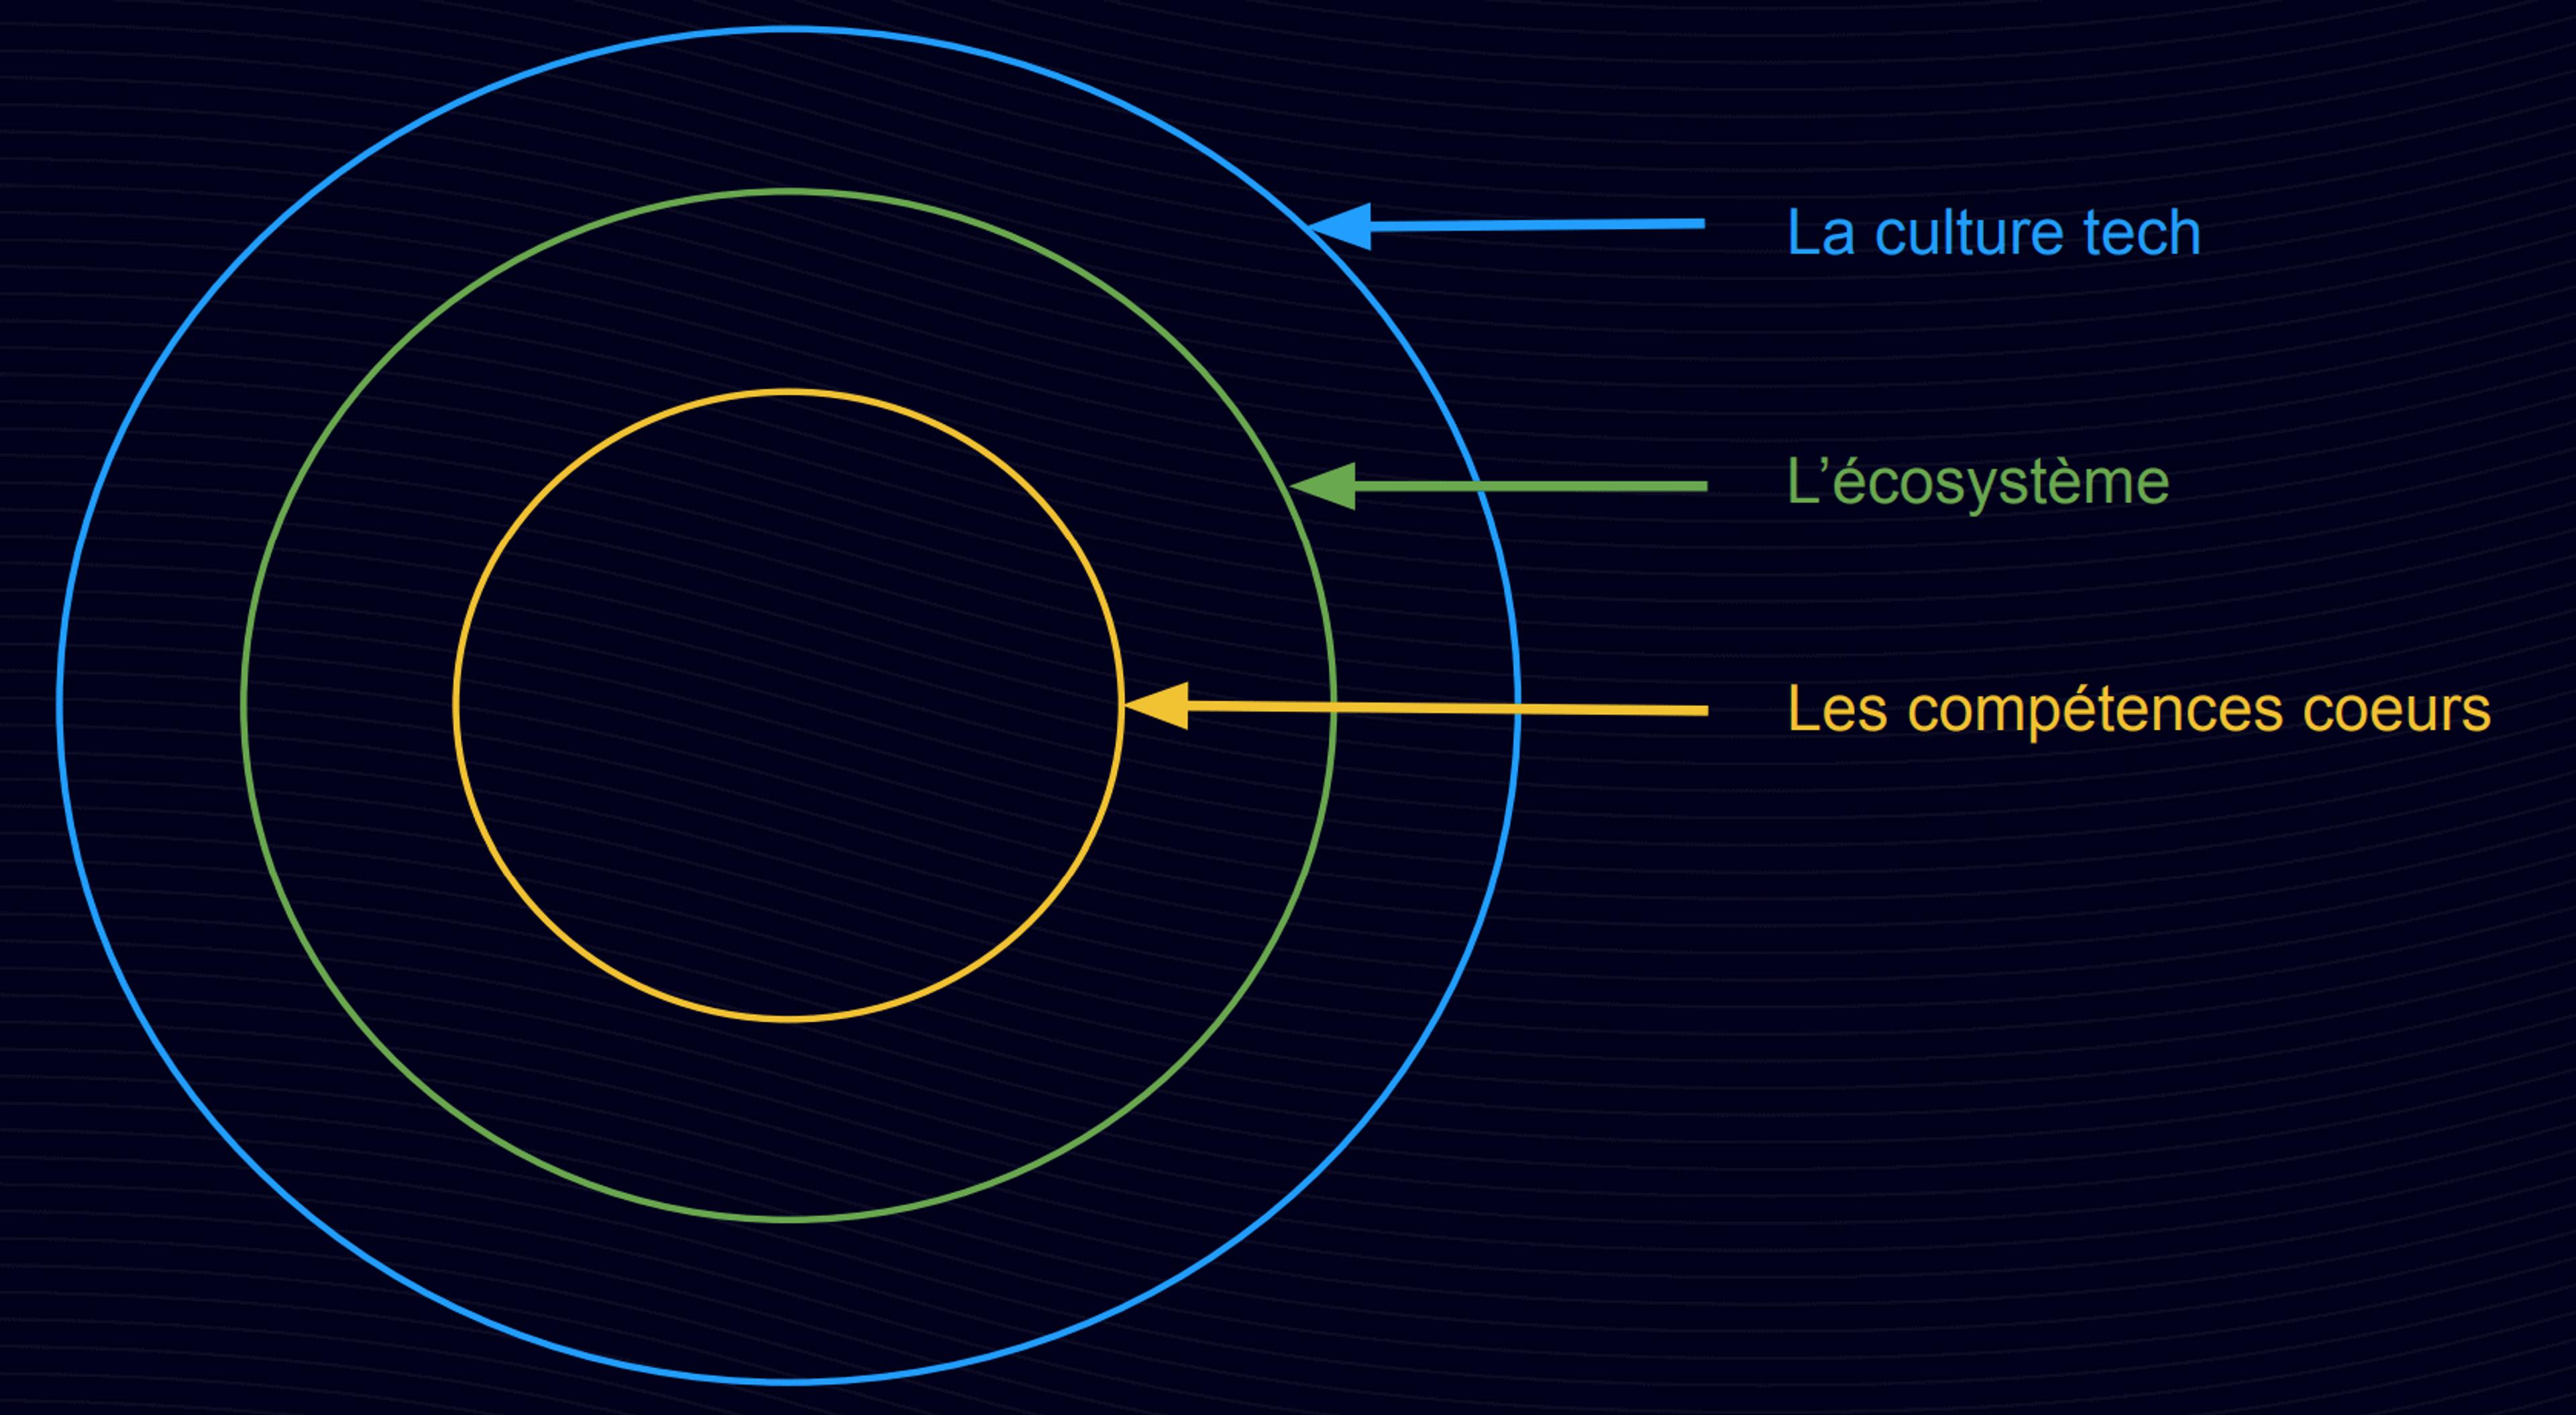 Les cercles de compétences regroupent les compétences coeurs, les compétences éccosystème et la culture tech